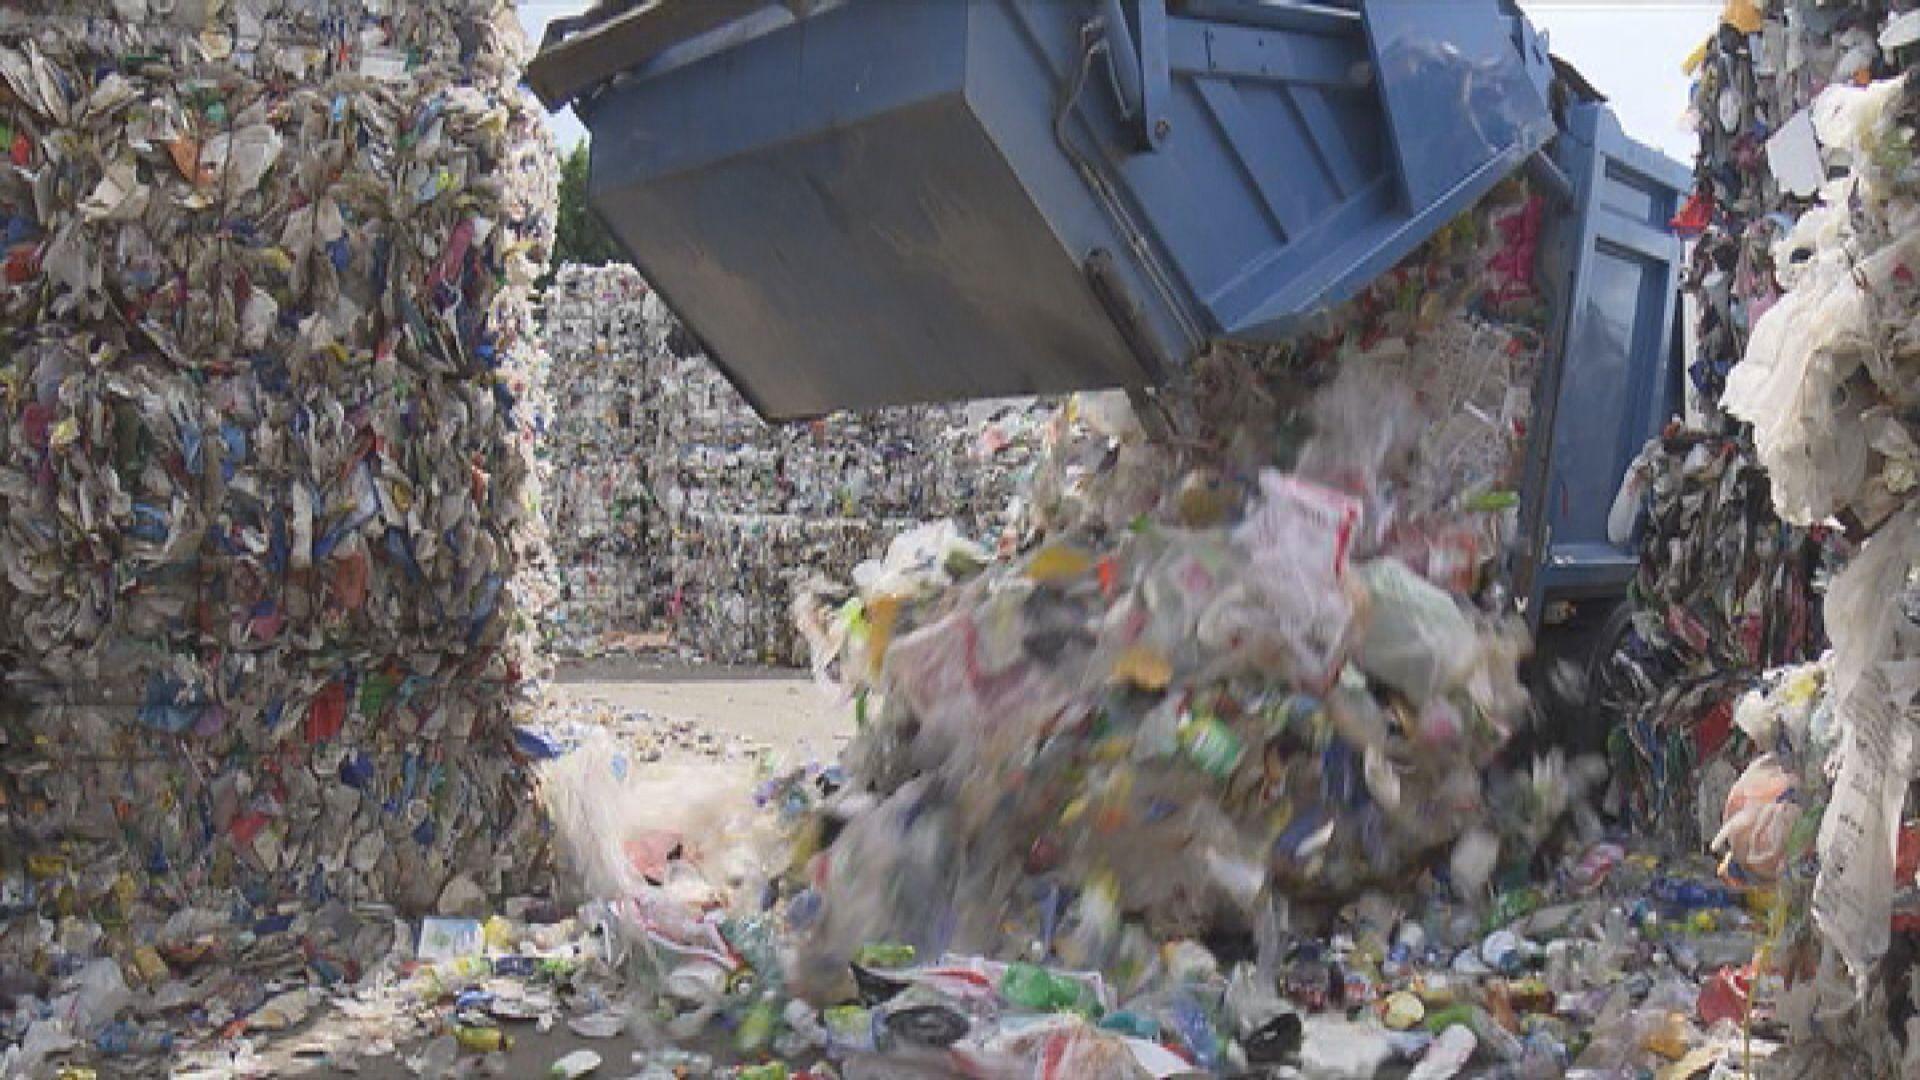 黃錦星:垃圾徵費視乎與議員溝通 再作修訂